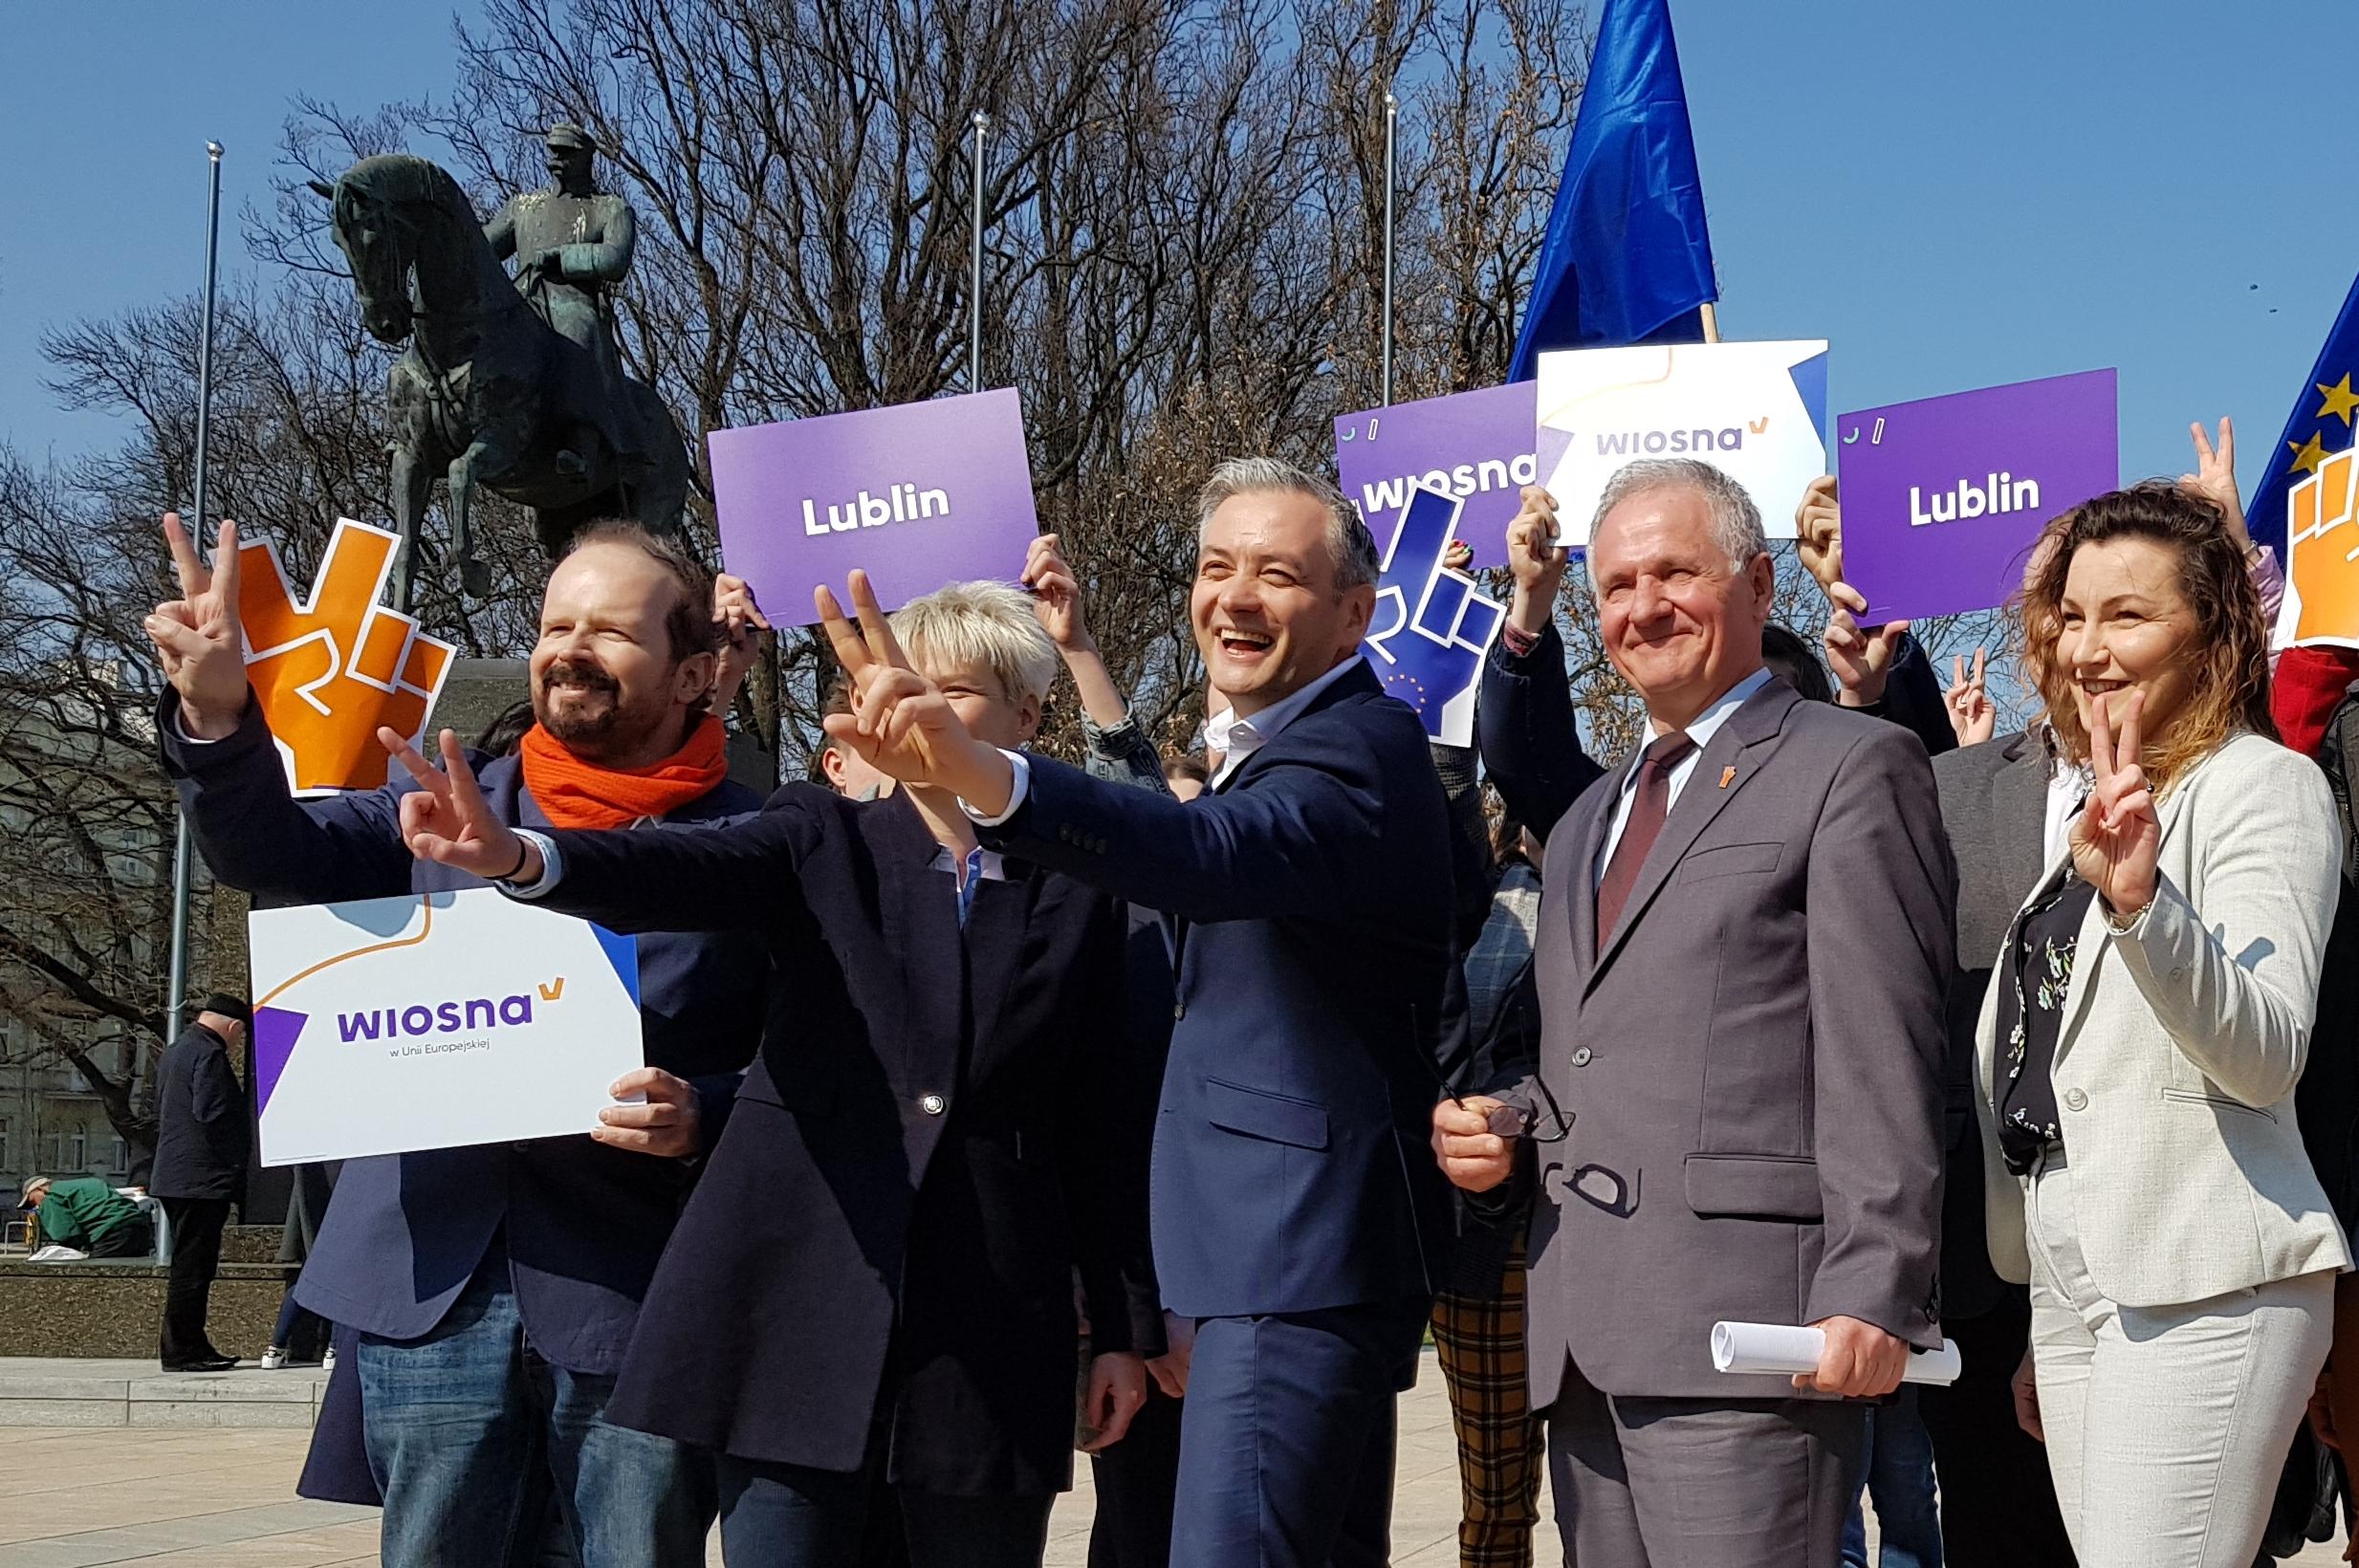 Koordynatorka Partii Wiosna w Lublinie, może stracić stanowisko